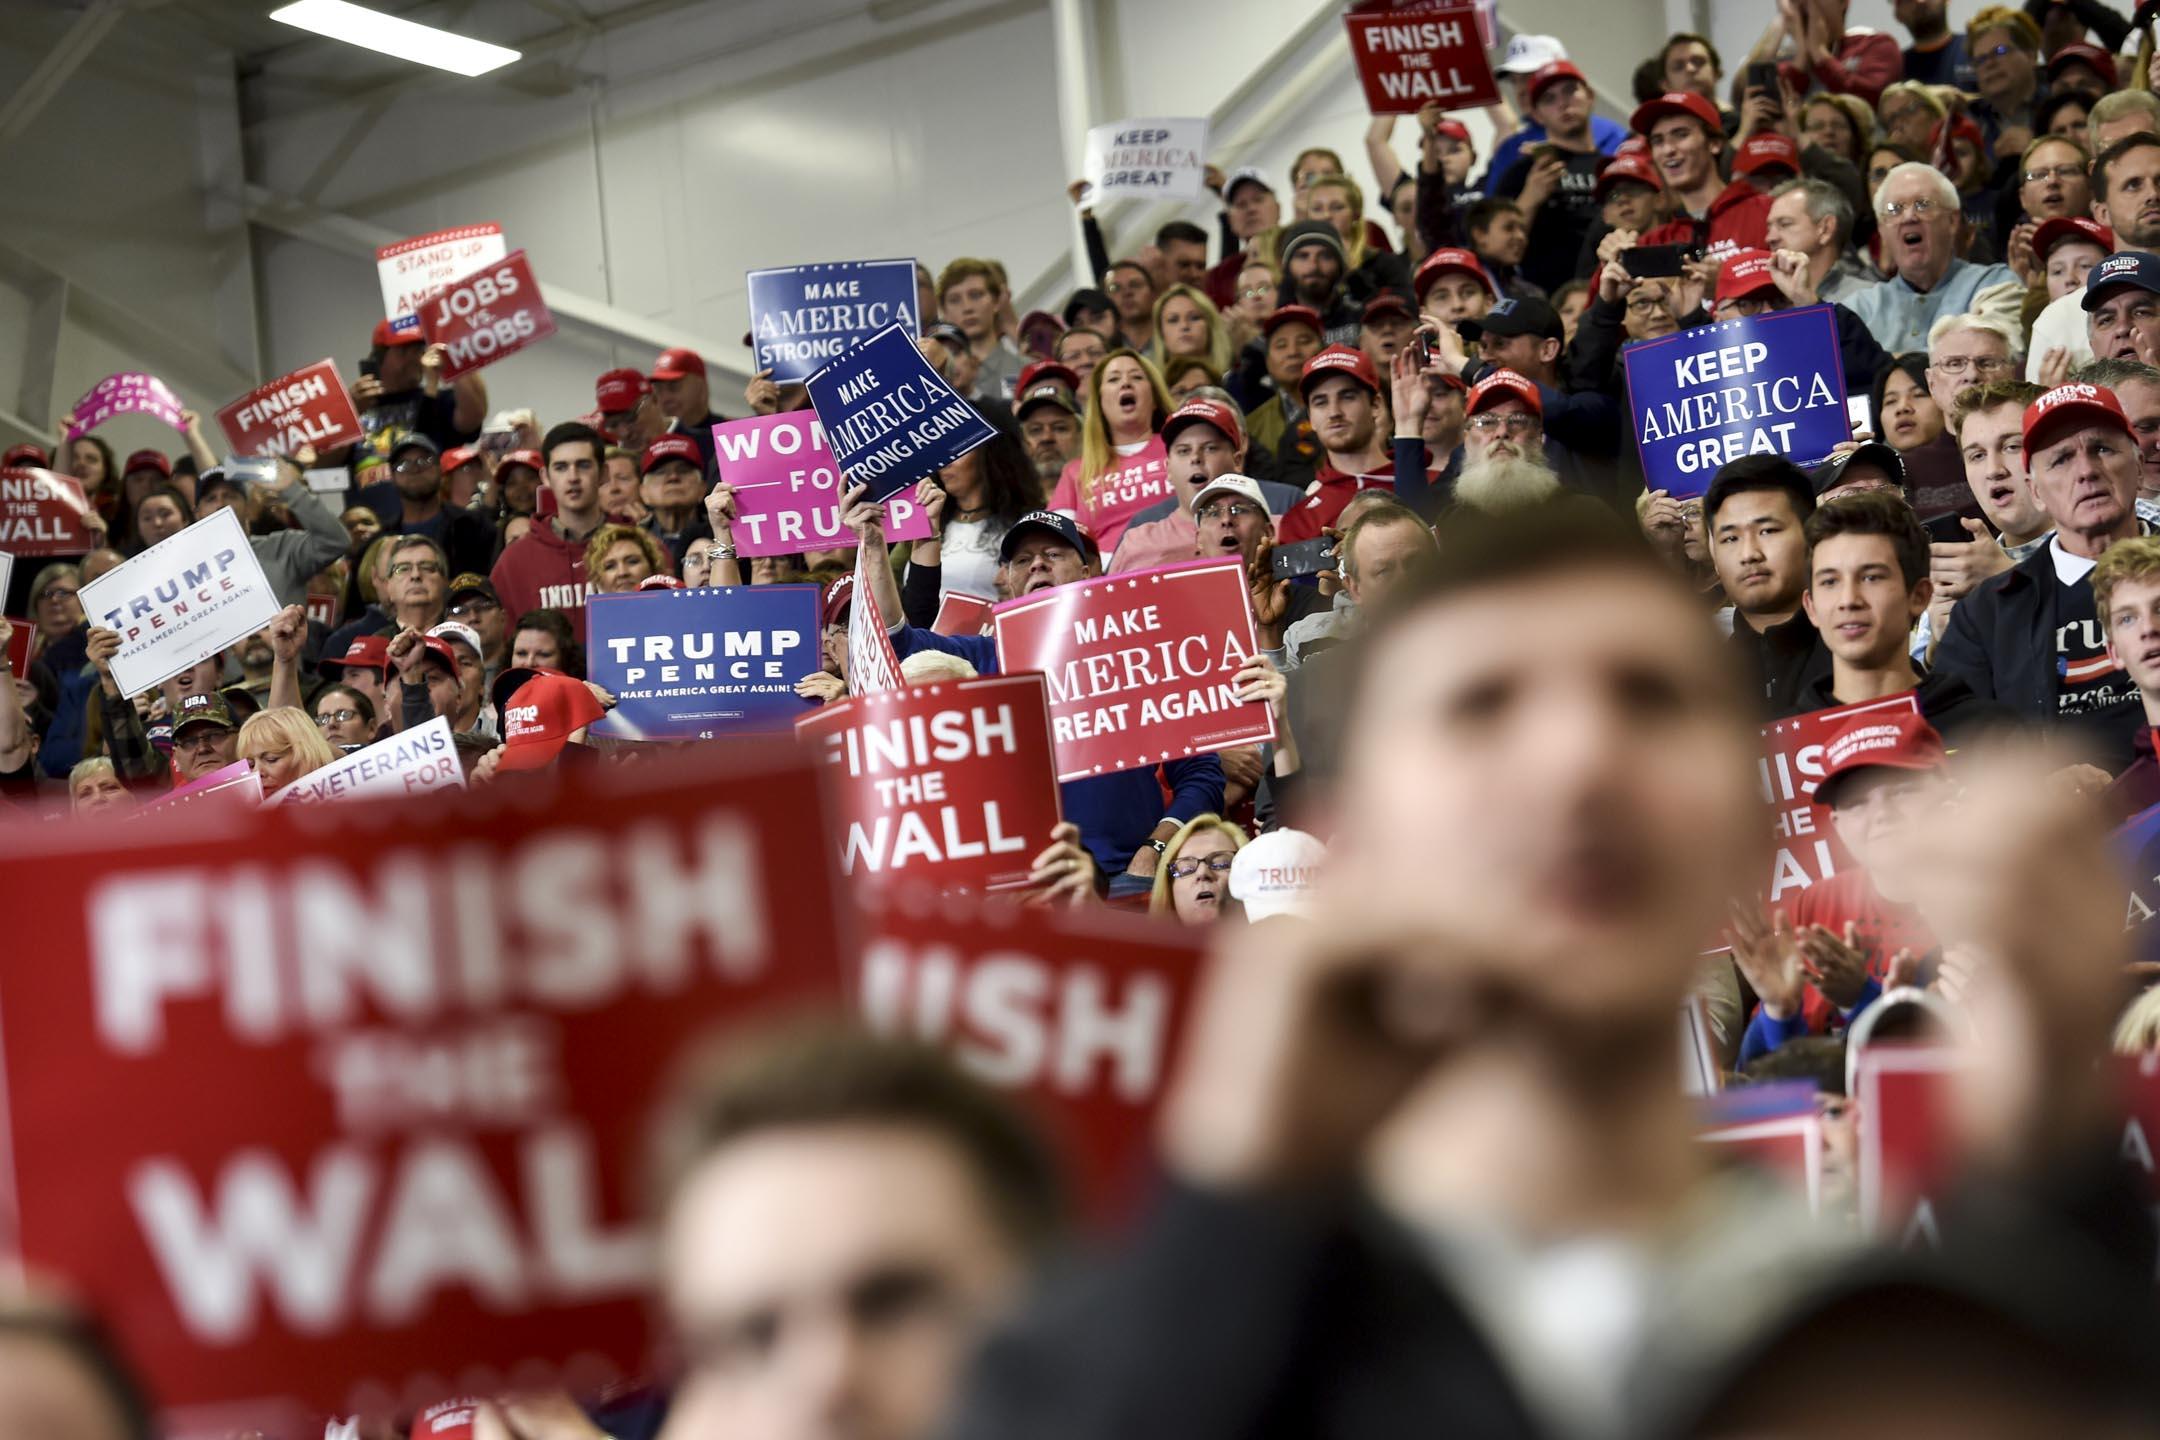 目前的情勢來看,由於川普執政普遍拉低共和黨籍議員選情,共和黨重量級親台議員多面臨連任危機,甚至因此宣佈退休、放棄連任。圖為2018年11月2日,美國總統特朗普的支持者在印第安納州一個競選集會時歡呼。 攝:Nicholas Kamm/AFP/Getty Images